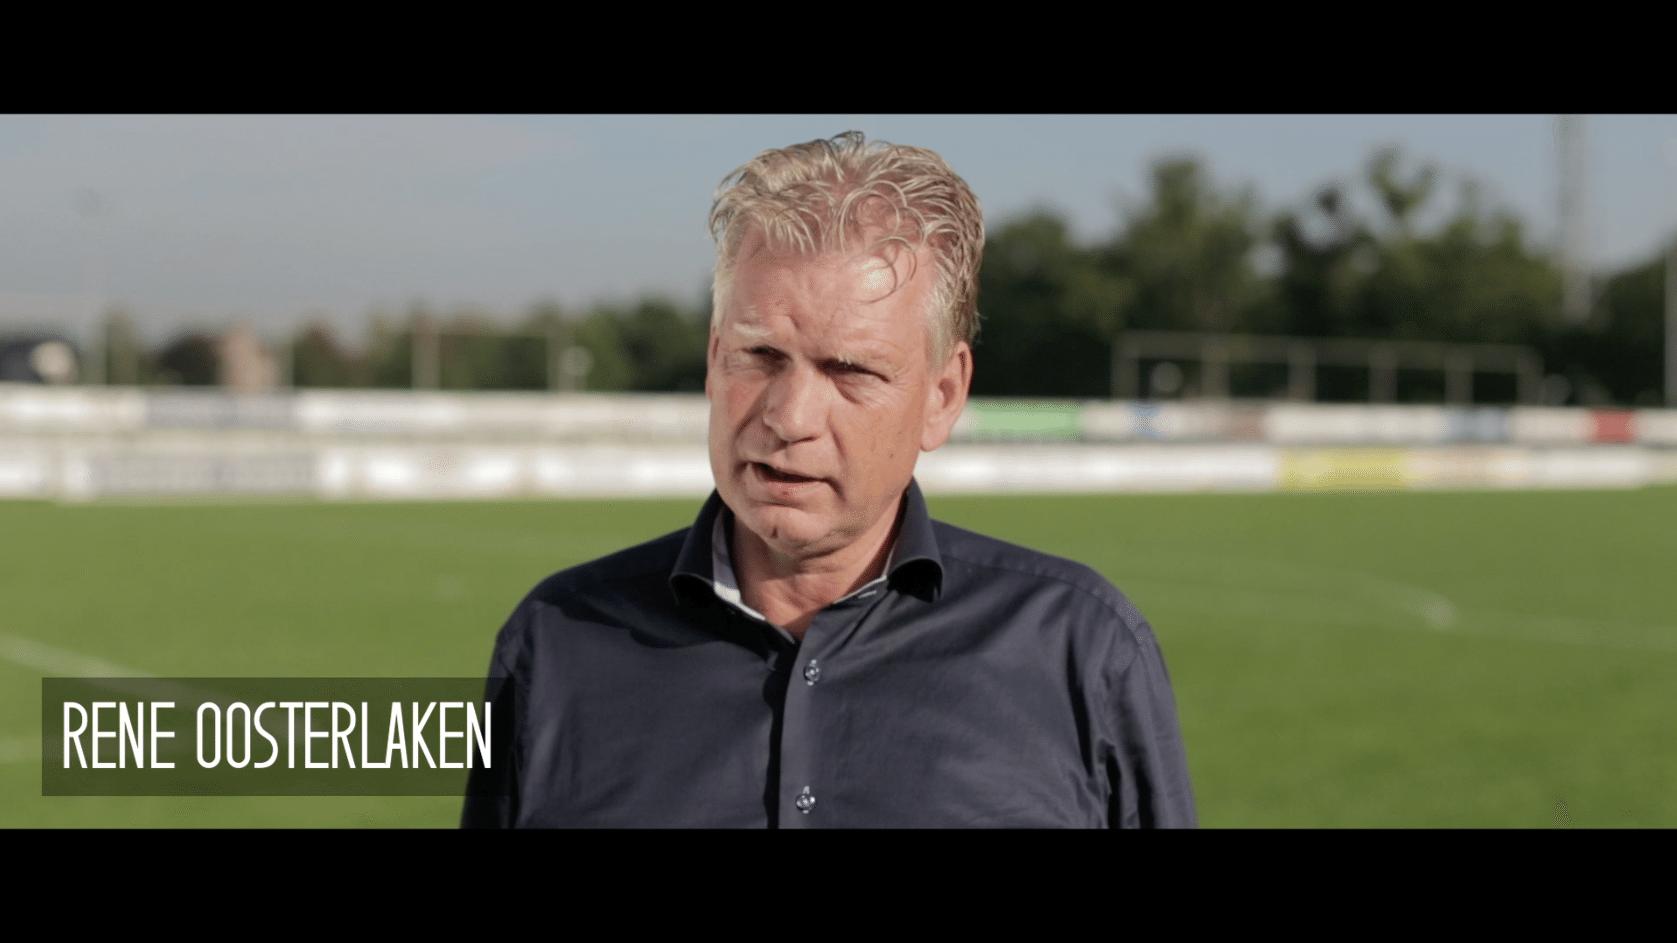 Rene_Oosterlaken_Tubbergen-Bruist